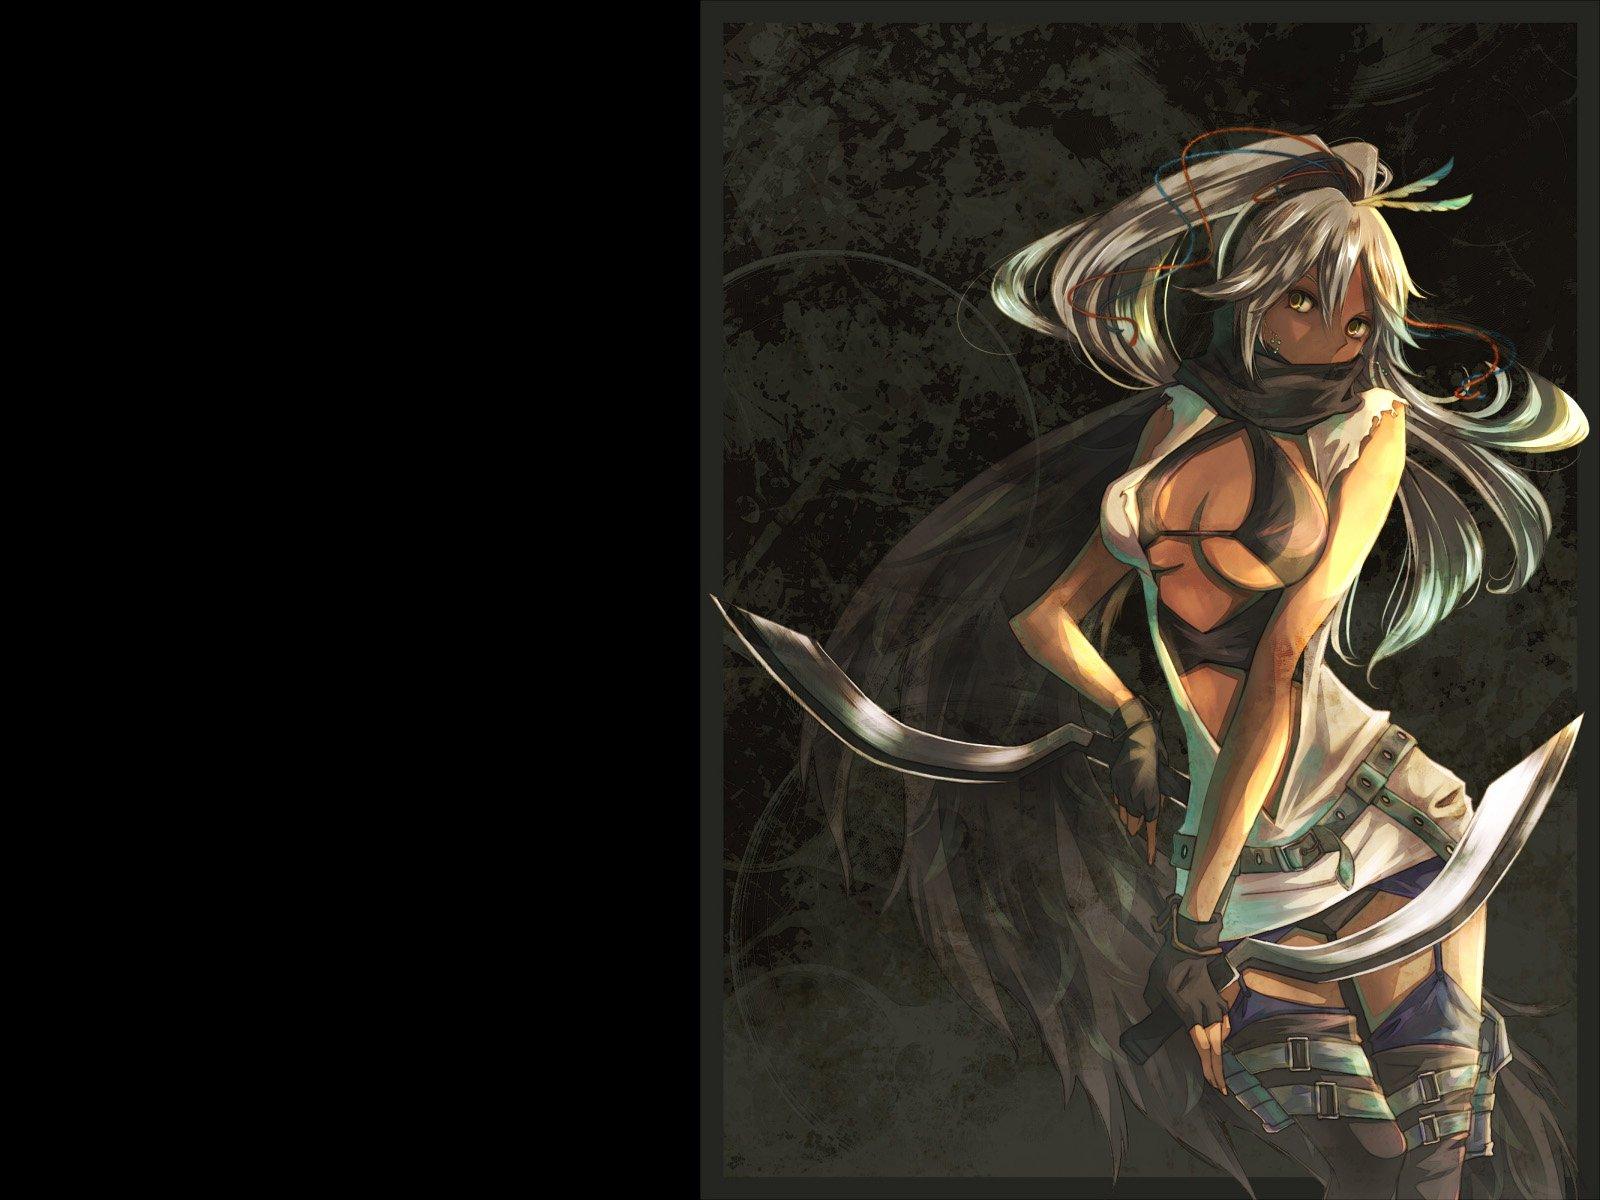 Bleach Fond d'écran and Arrière-Plan | 1600x1200 | ID:295405 - Wallpaper Abyss